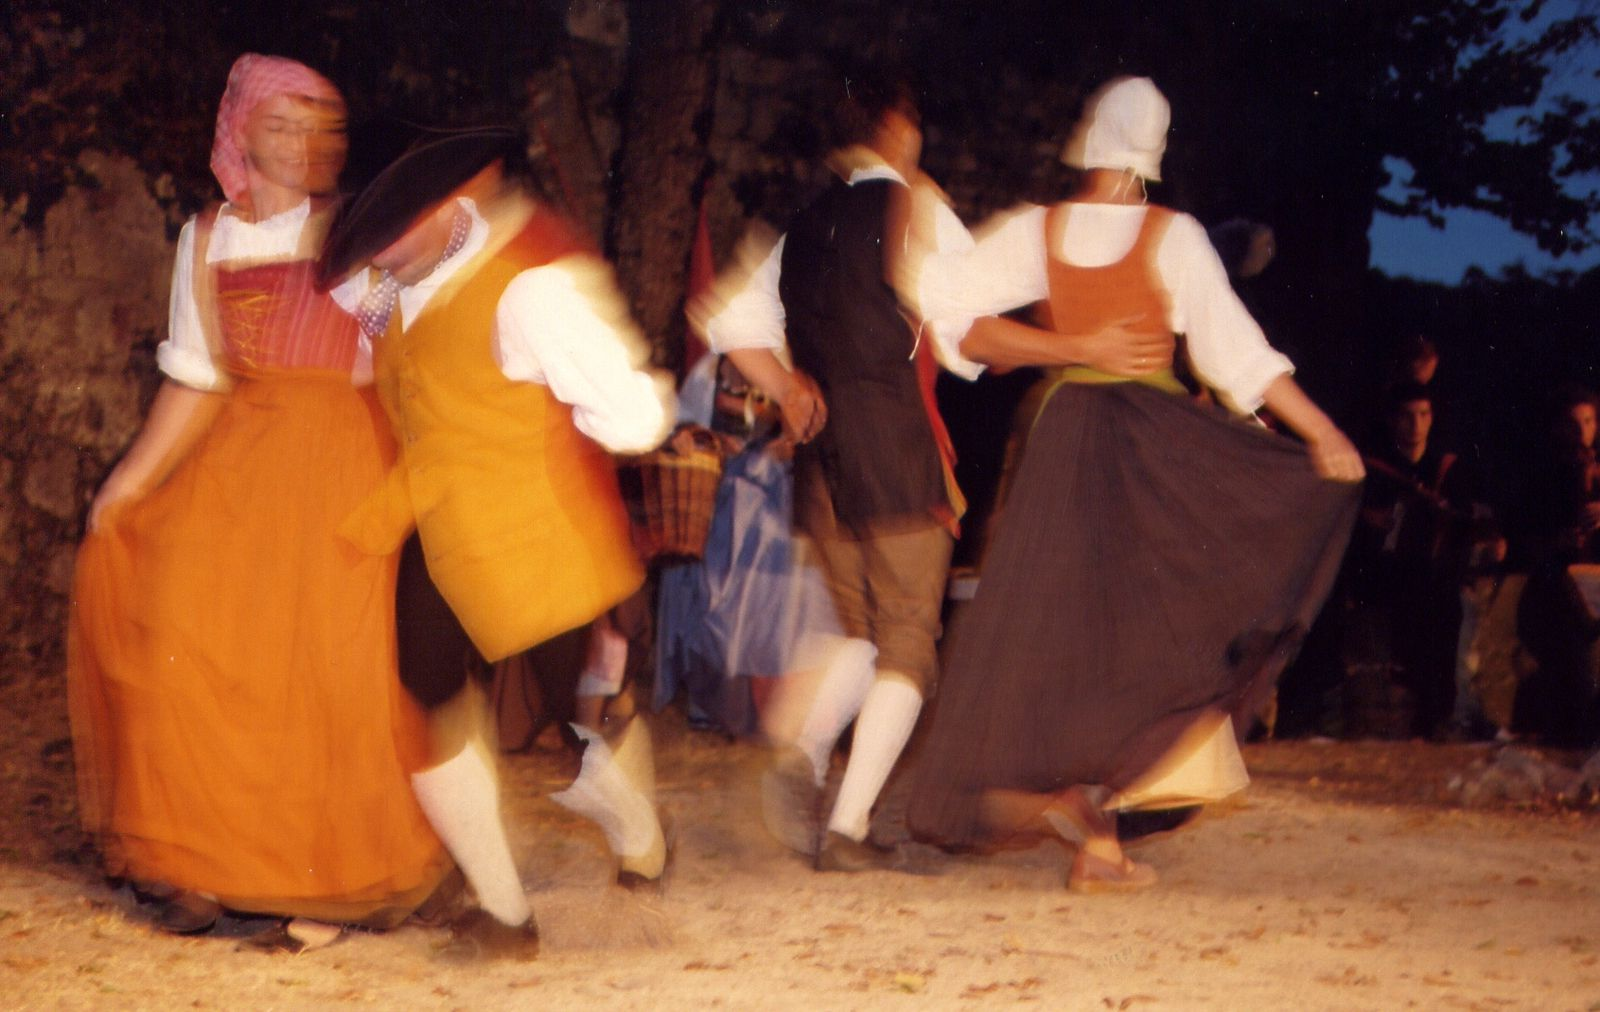 Premier spectacle des Mattagumber au château de Ferrette, les 20-21-27-28 août 2003. En trois tableaux :  I. La journée de travail II. Le crépuscule des elfes III. La nuit des sorcières